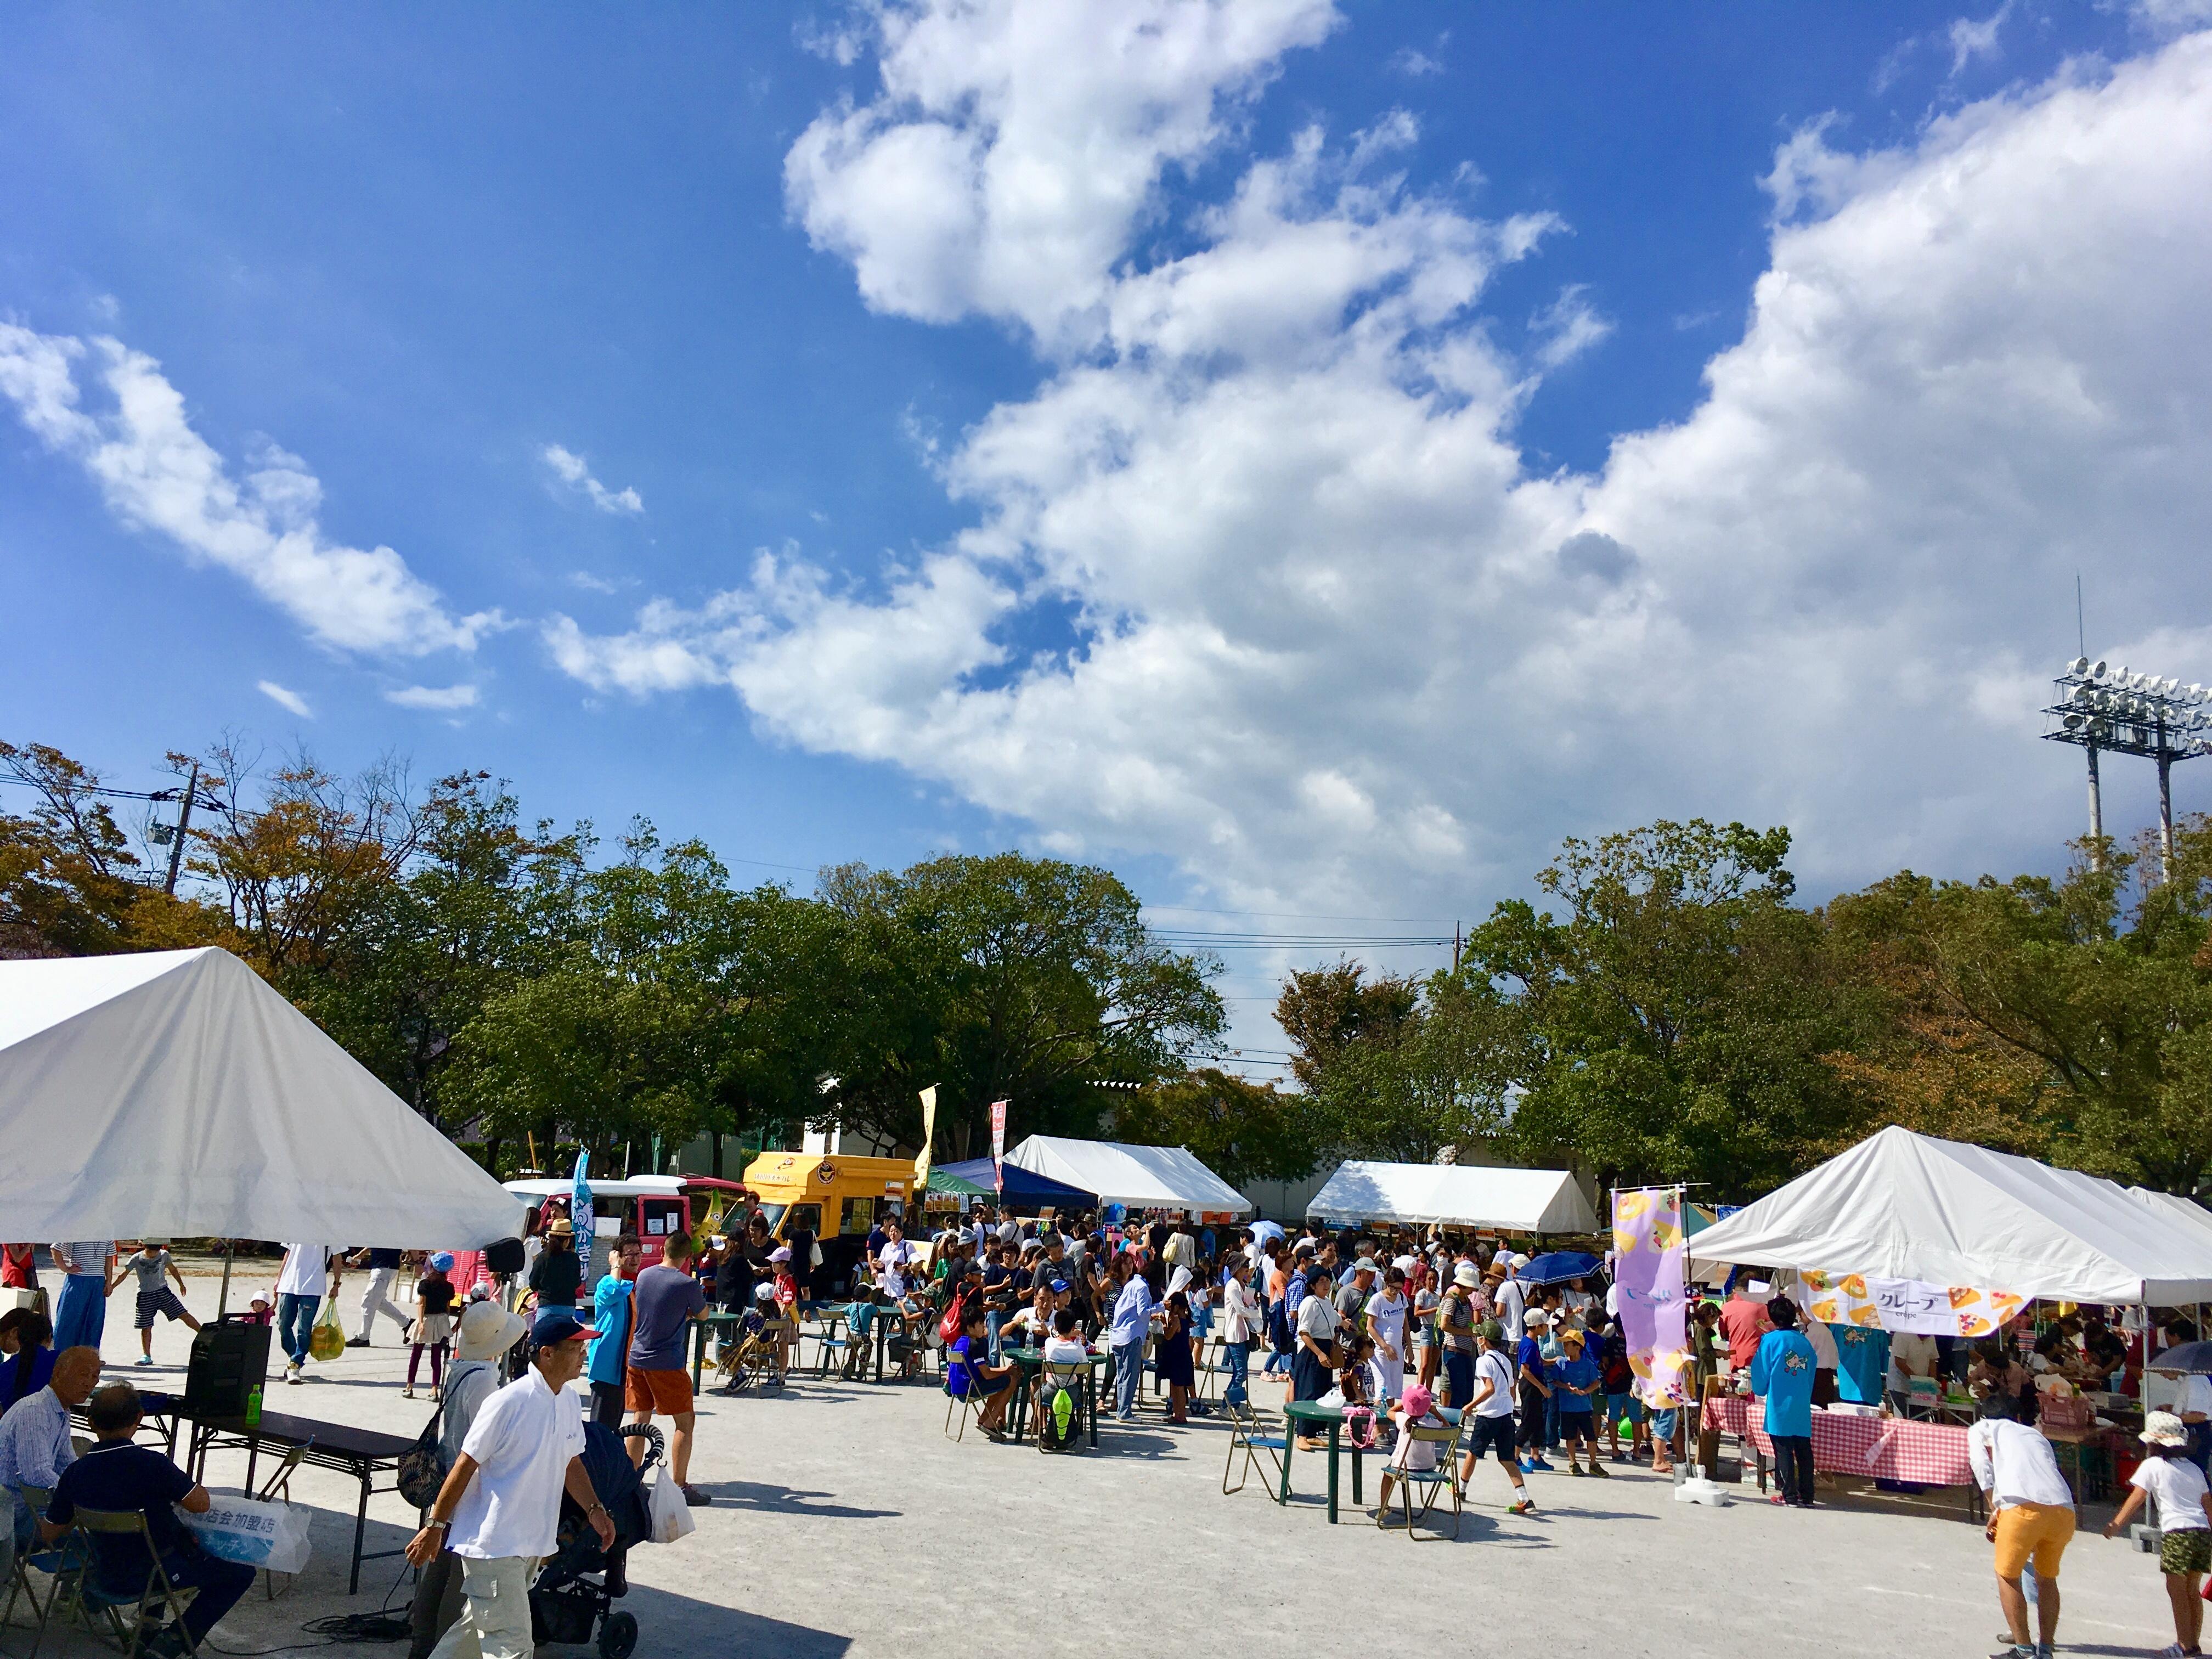 清水町産業祭&ゆうすいポイント祭り